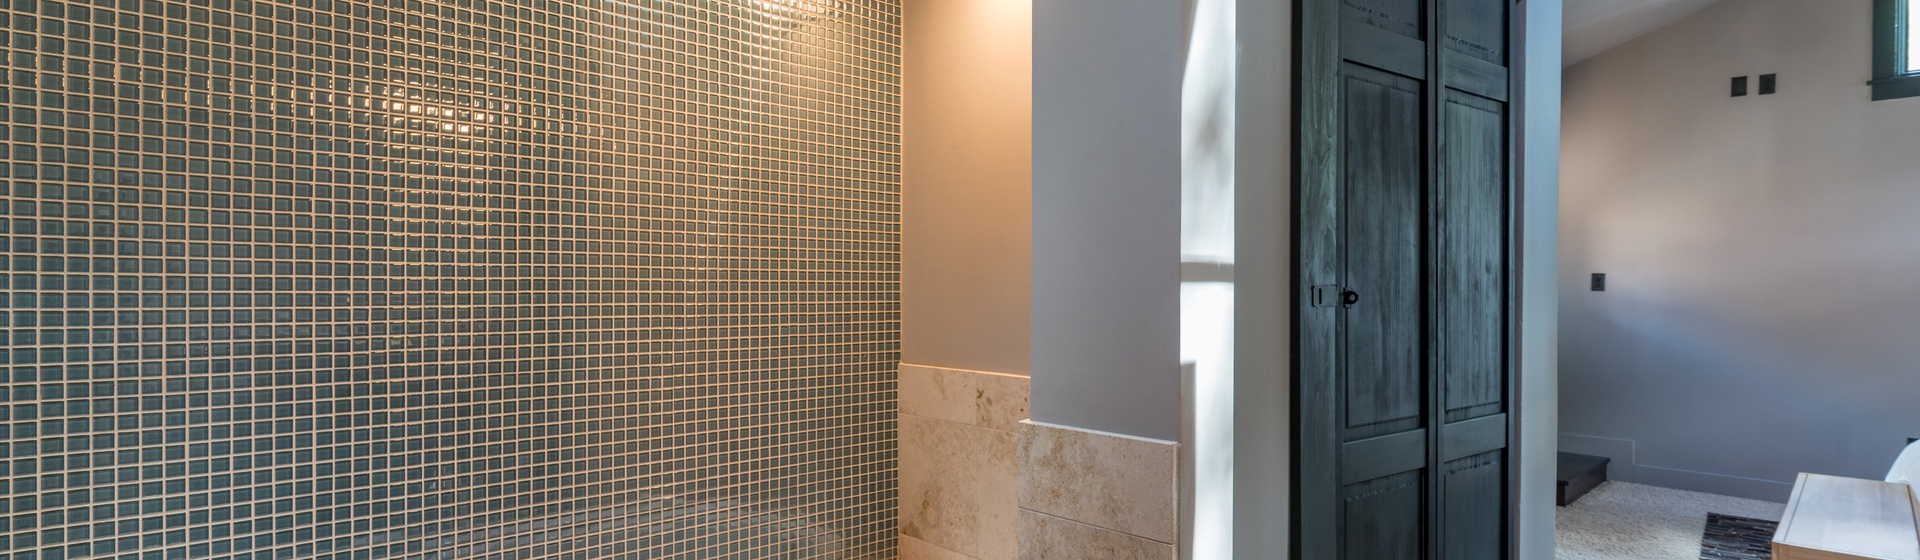 7-Telluride-Town-Jewel-Master-Bath-Tub.JPG